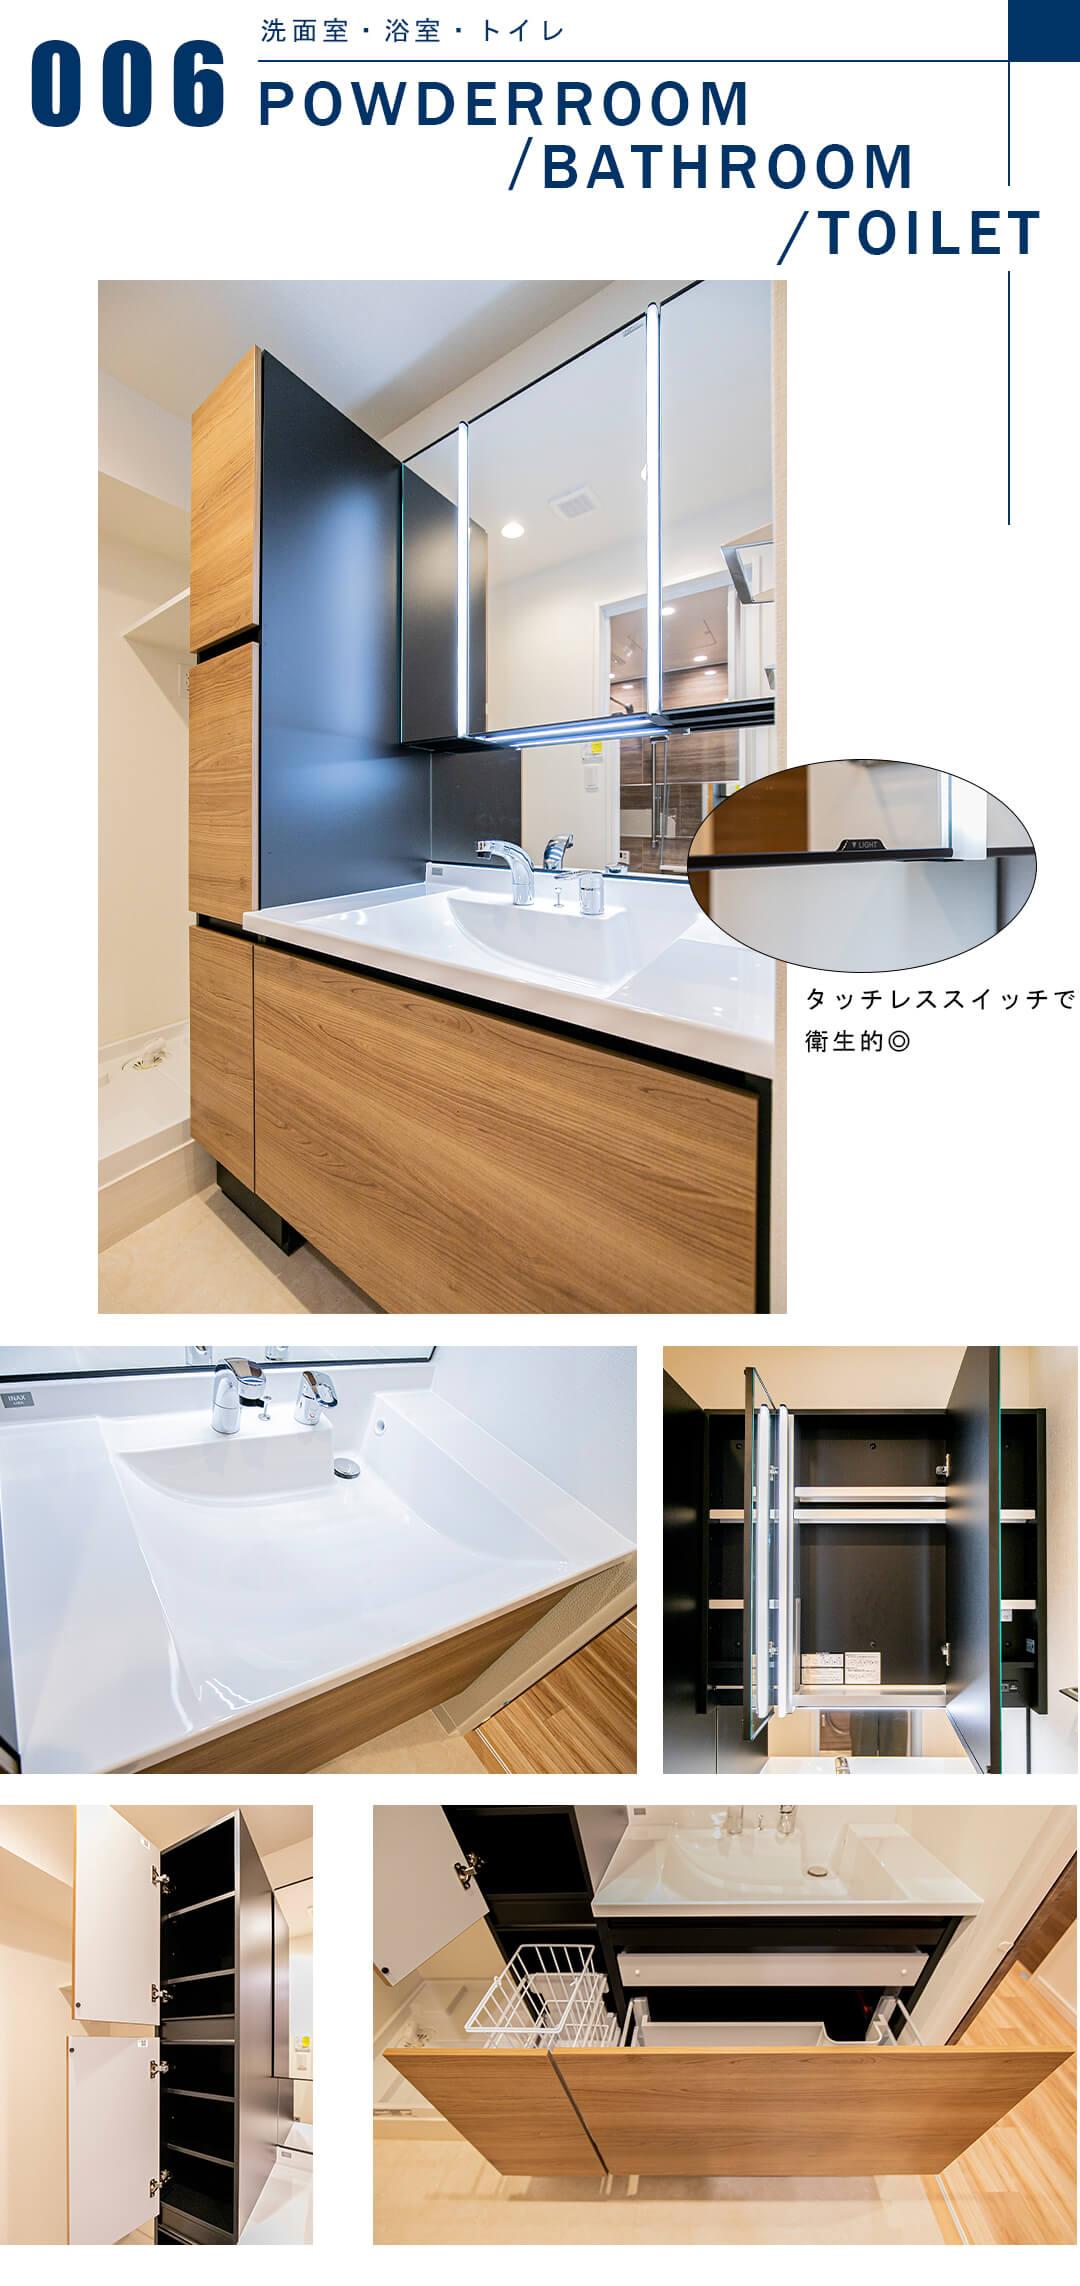 グリーン・パーク日本橋参番館の洗面室